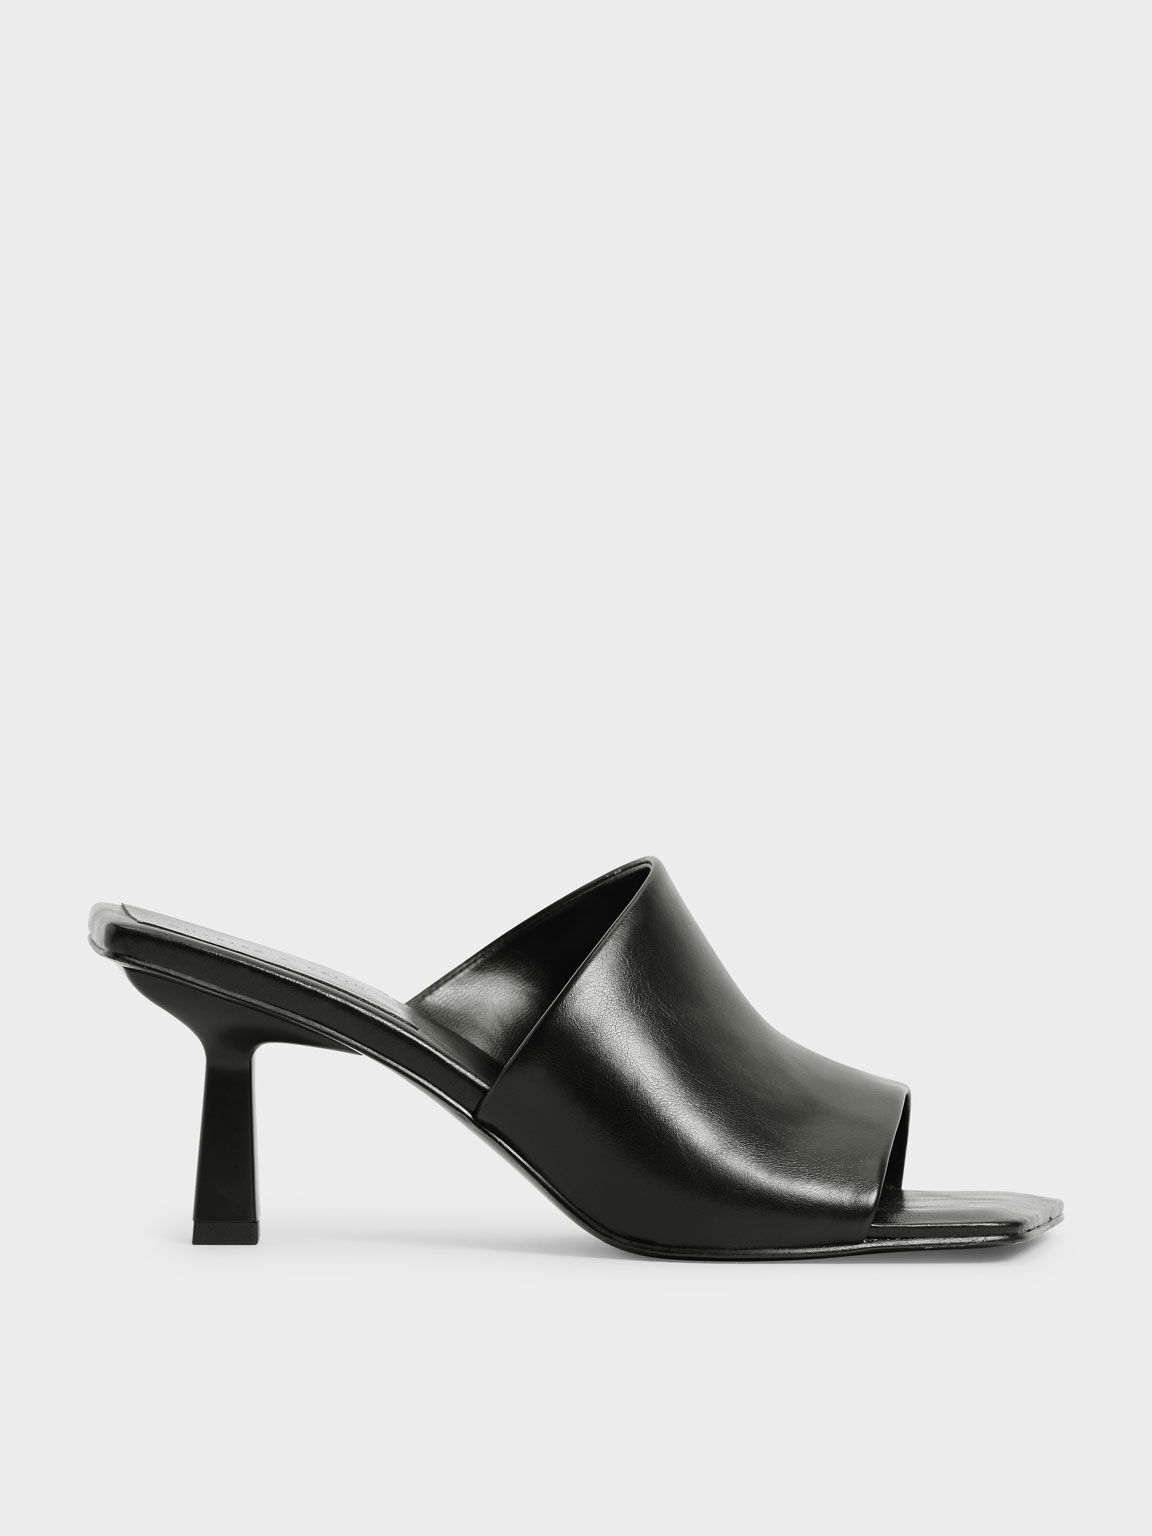 Asymmetric Square Toe Mules, Black, hi-res